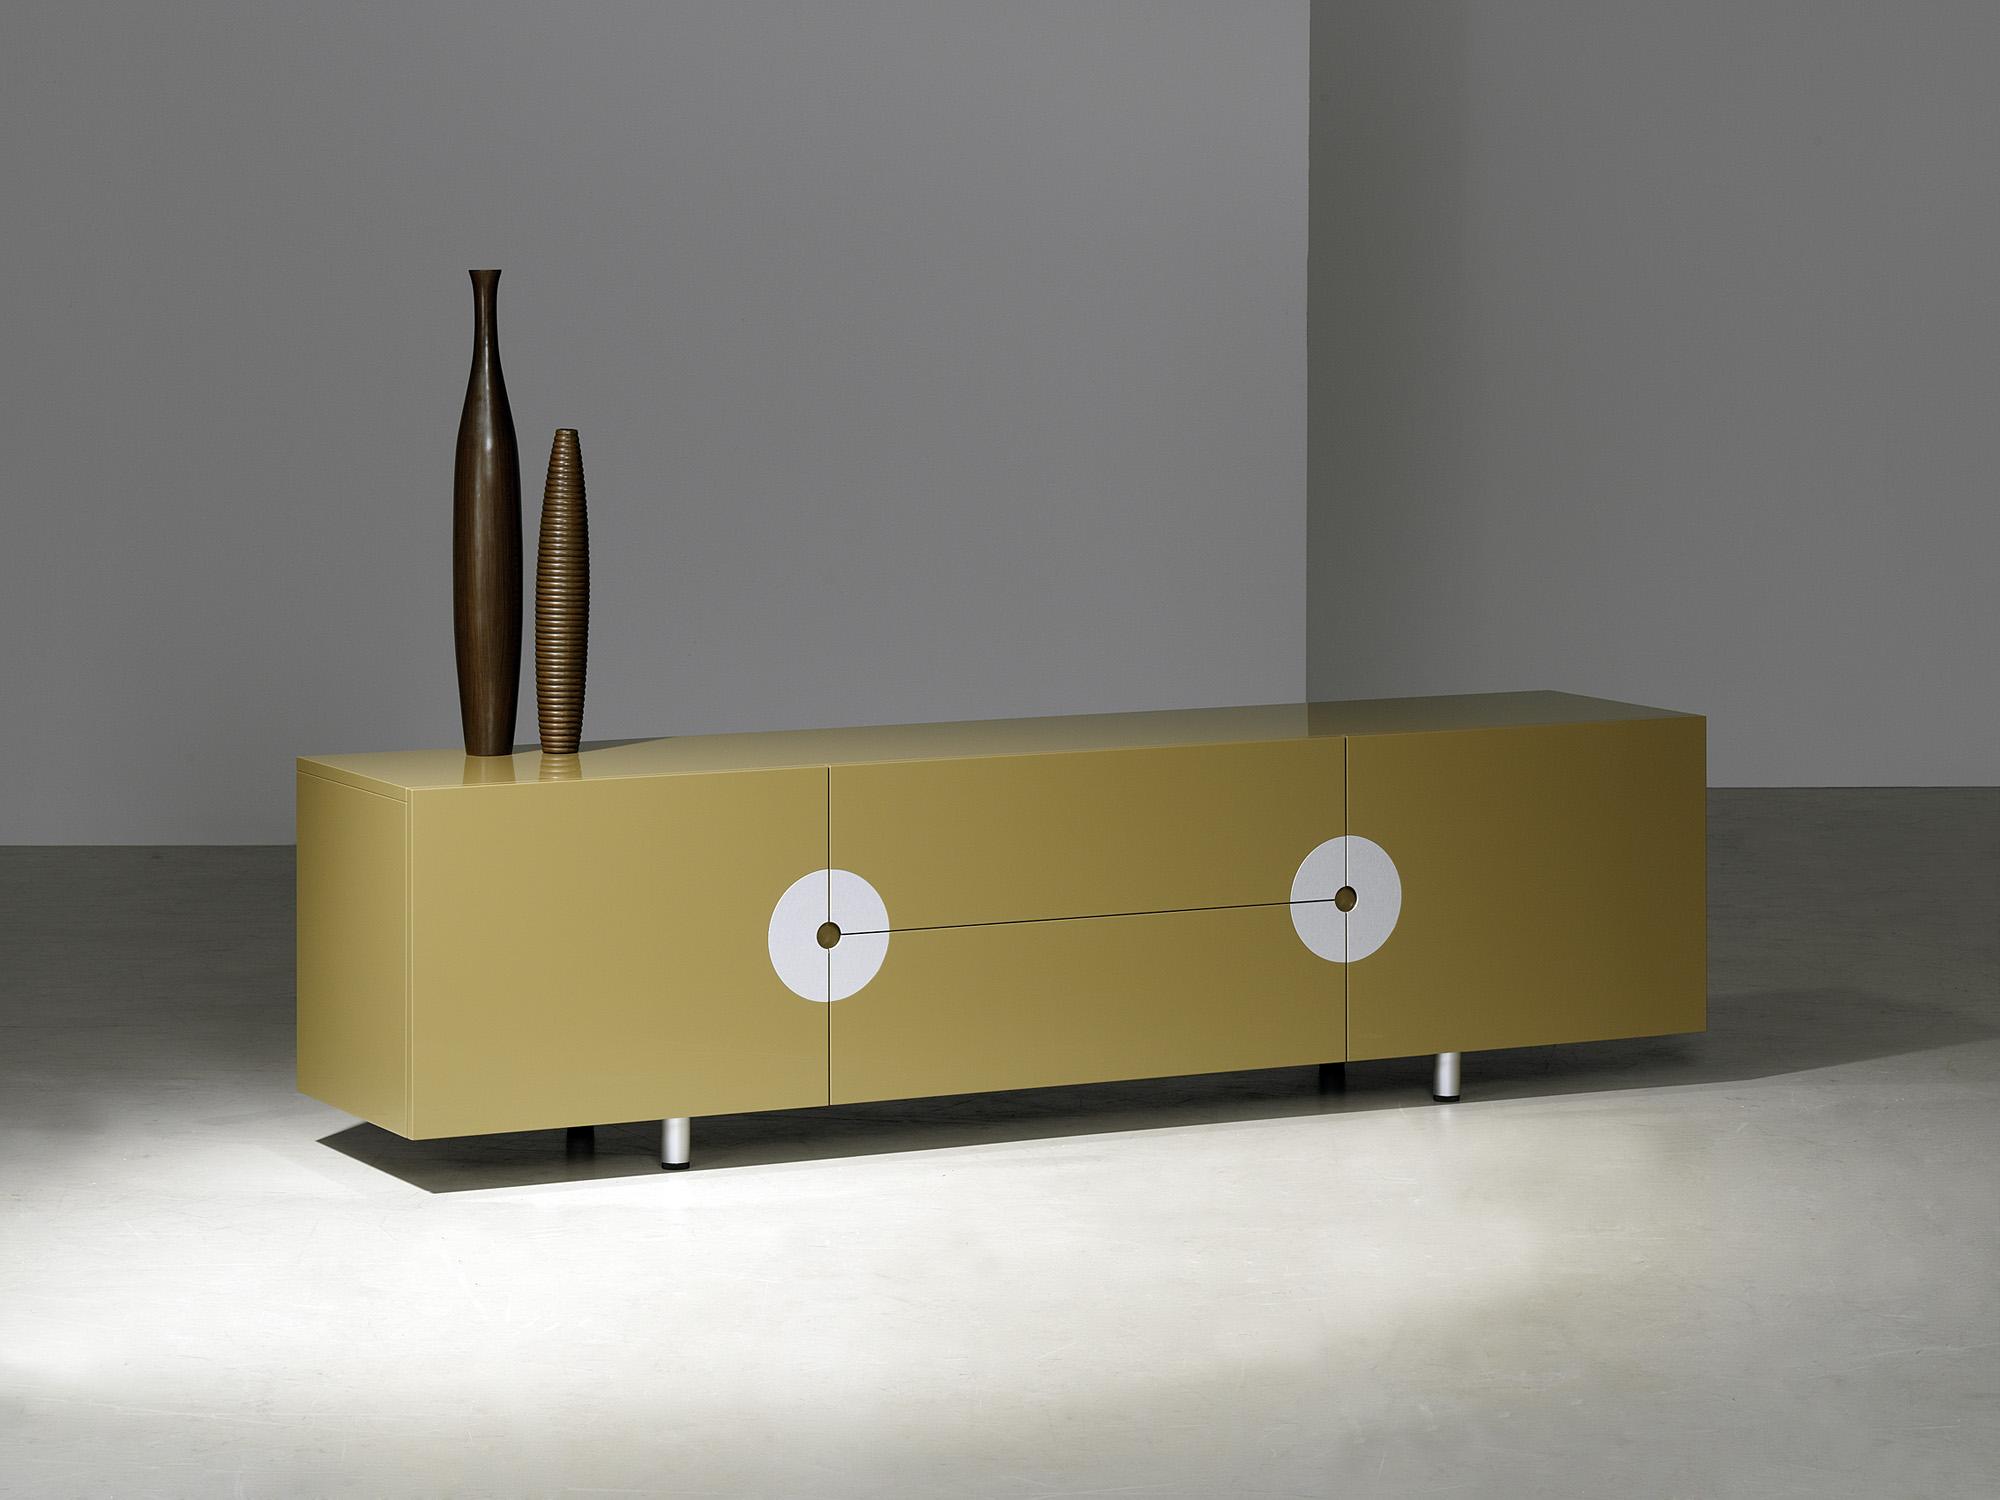 DISK-LA, ontwerp door Dick Spierenburg